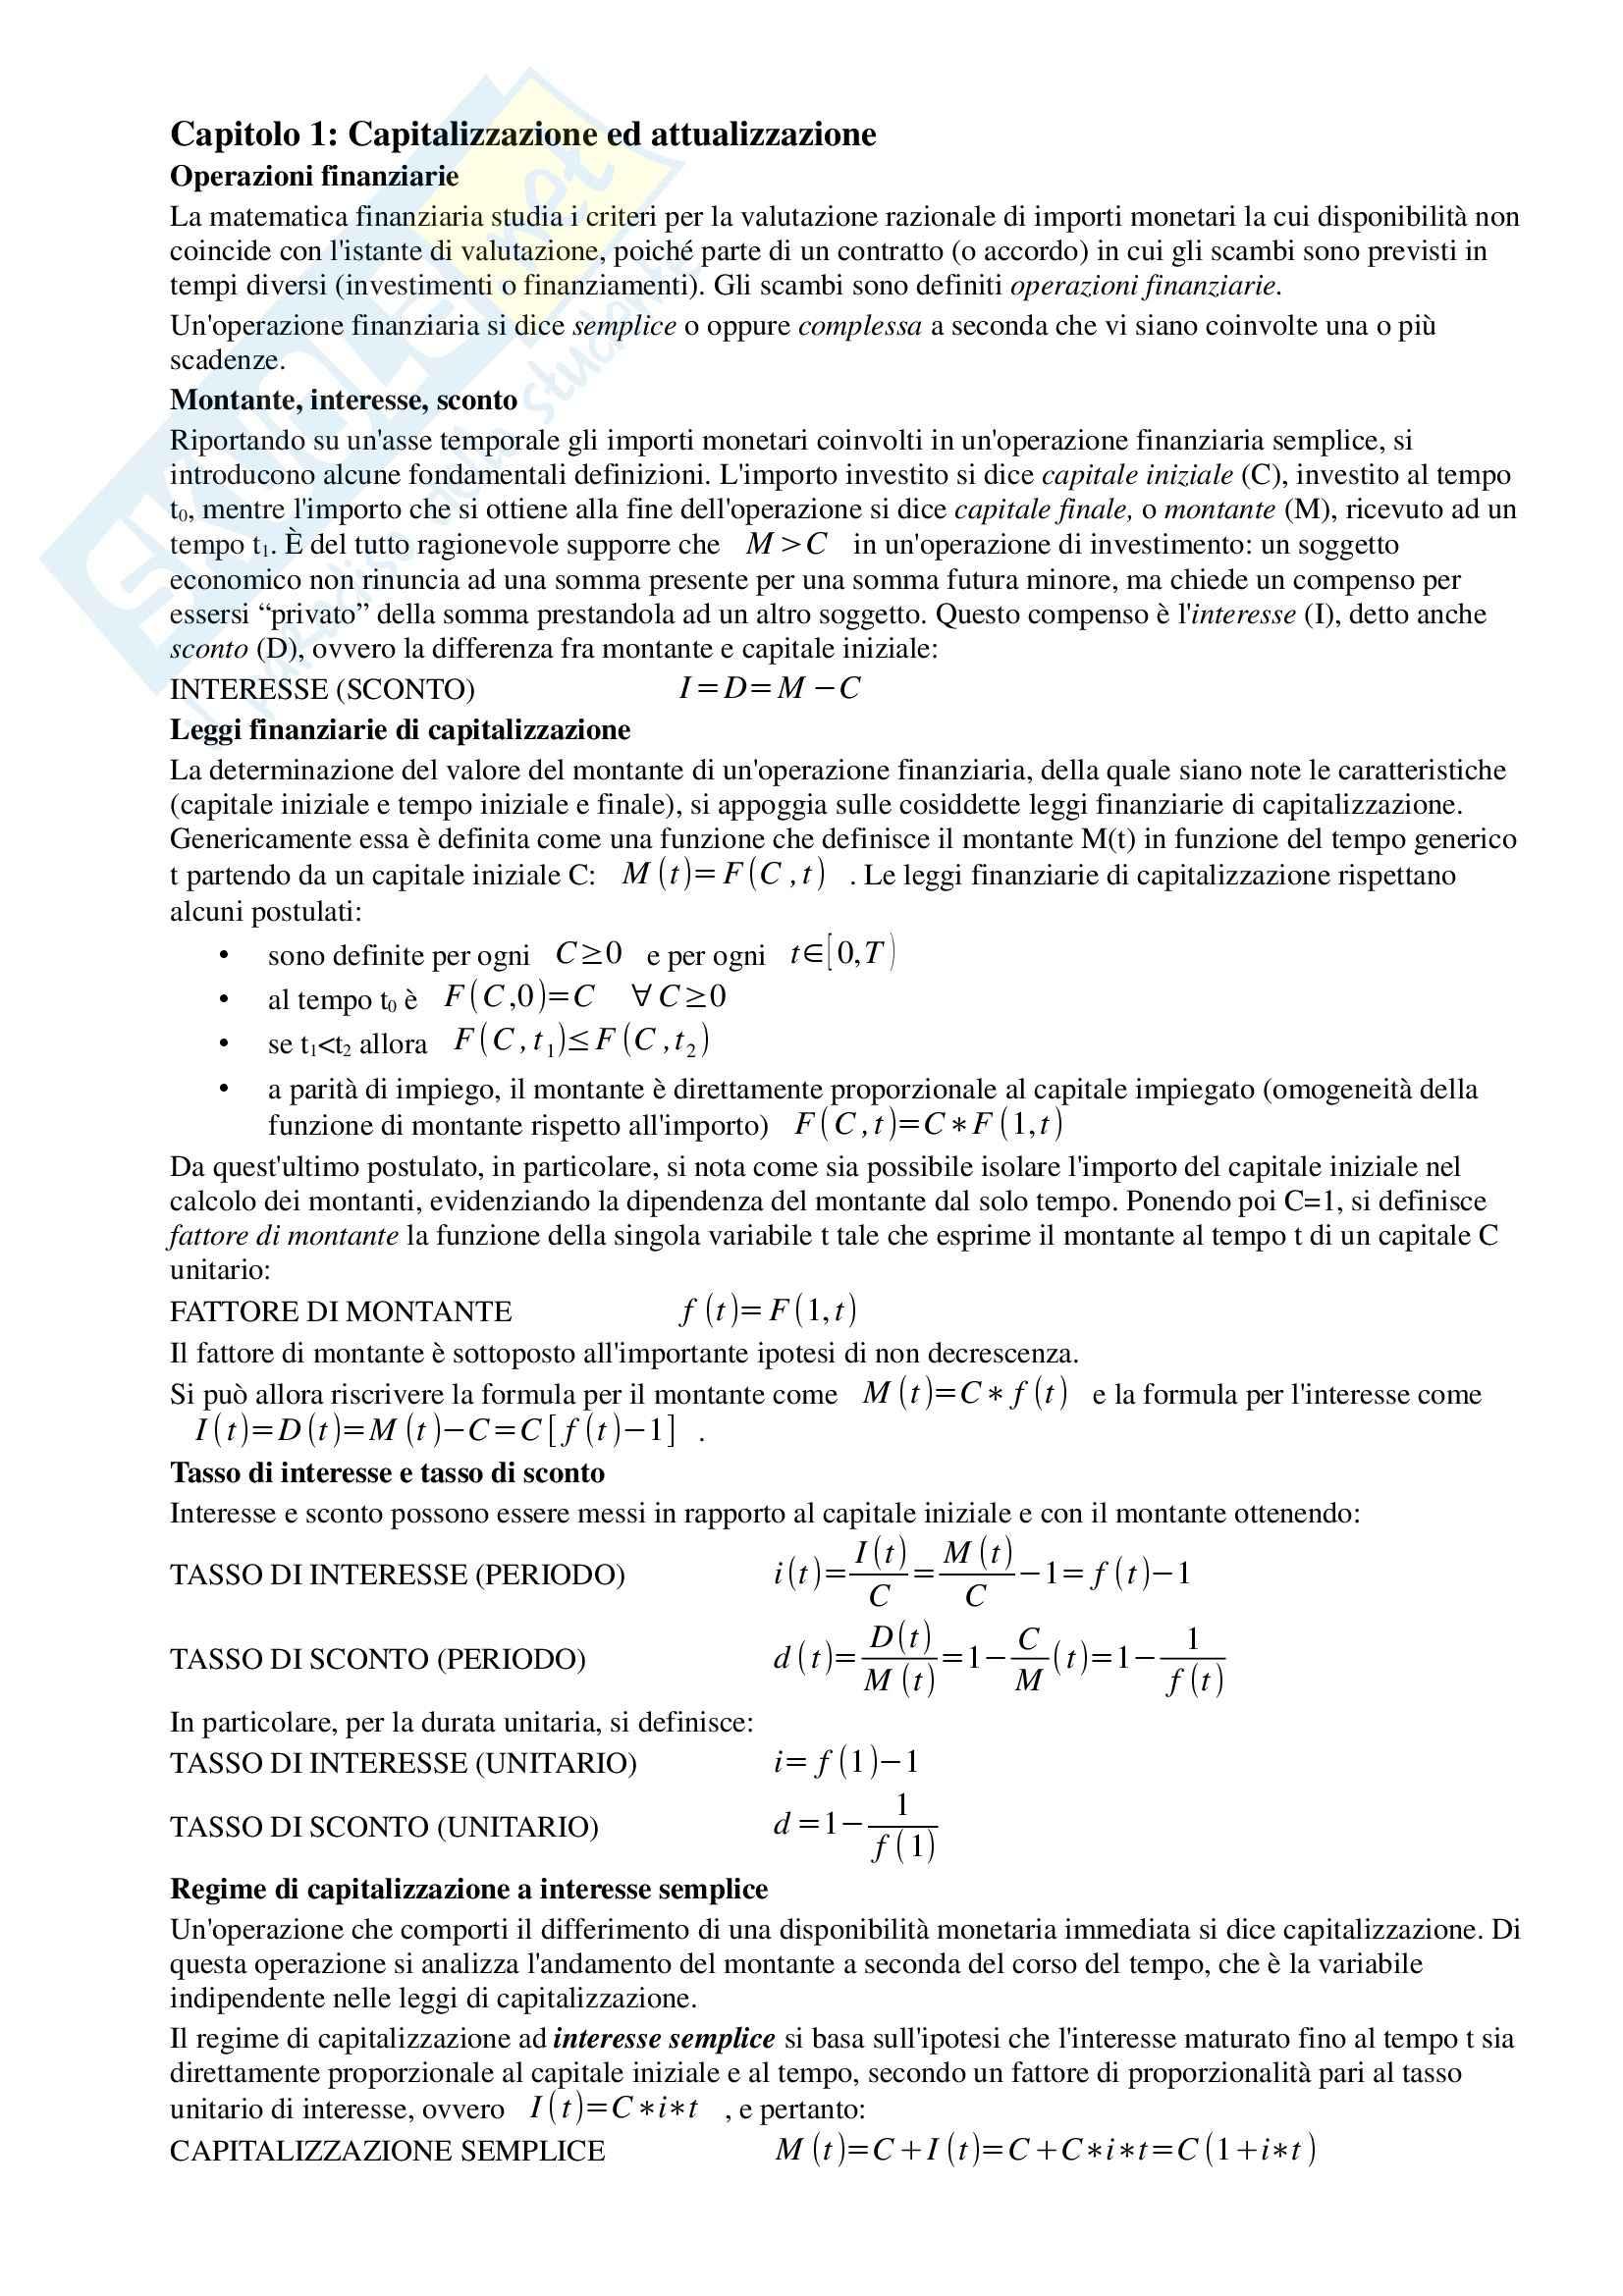 Riassunto esame Matematica Finanziaria, prof. Iannizzotto, libro consigliato Elementi di Matematica Finanziaria e cenni di programmazione lineare, Stefani, Torriero, Zambruno